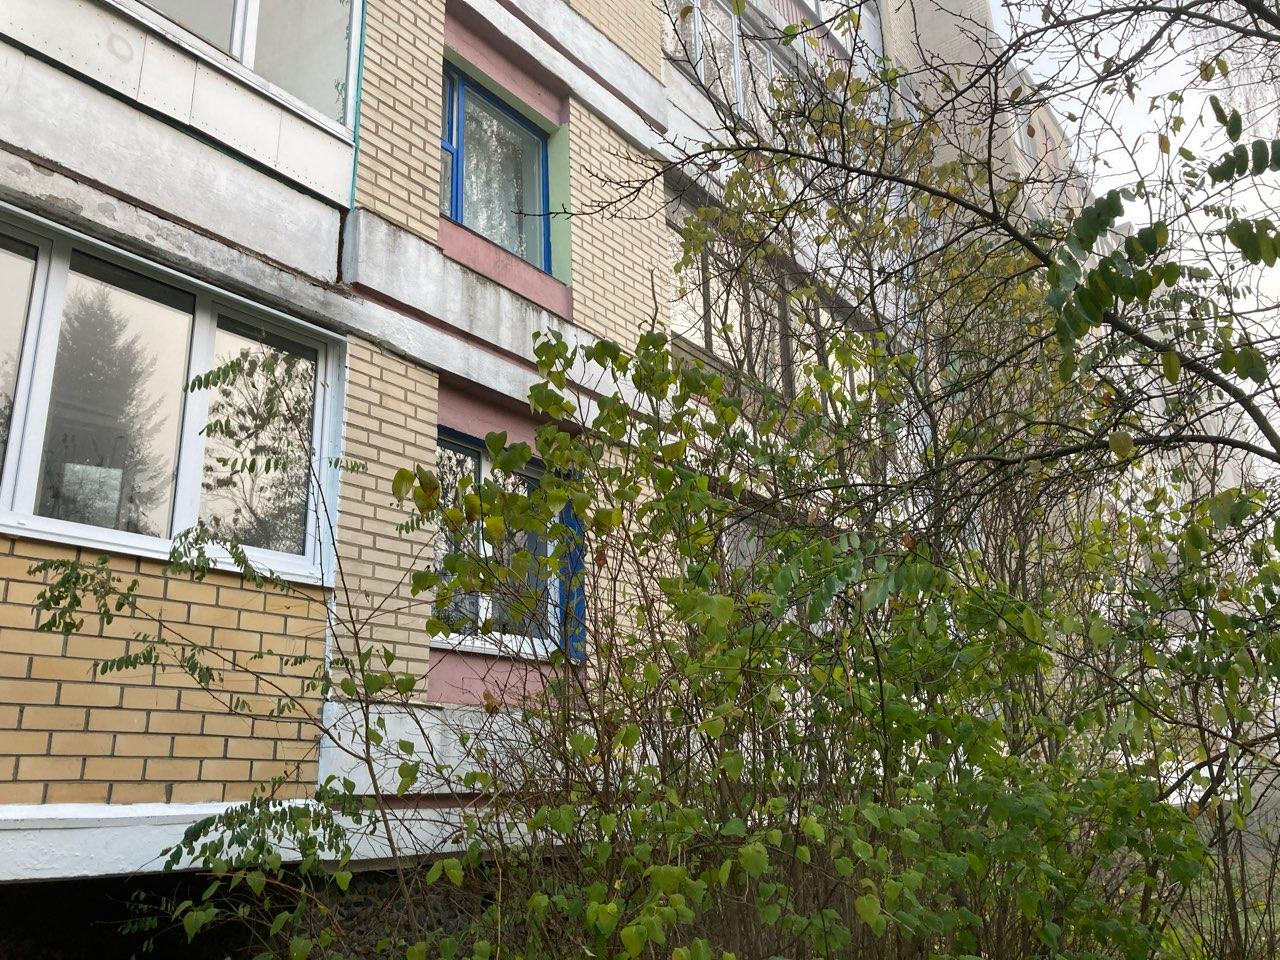 Кустарник возле окна квартиры Любови Масель 11 ноября. Фото: Ирина КОМИК